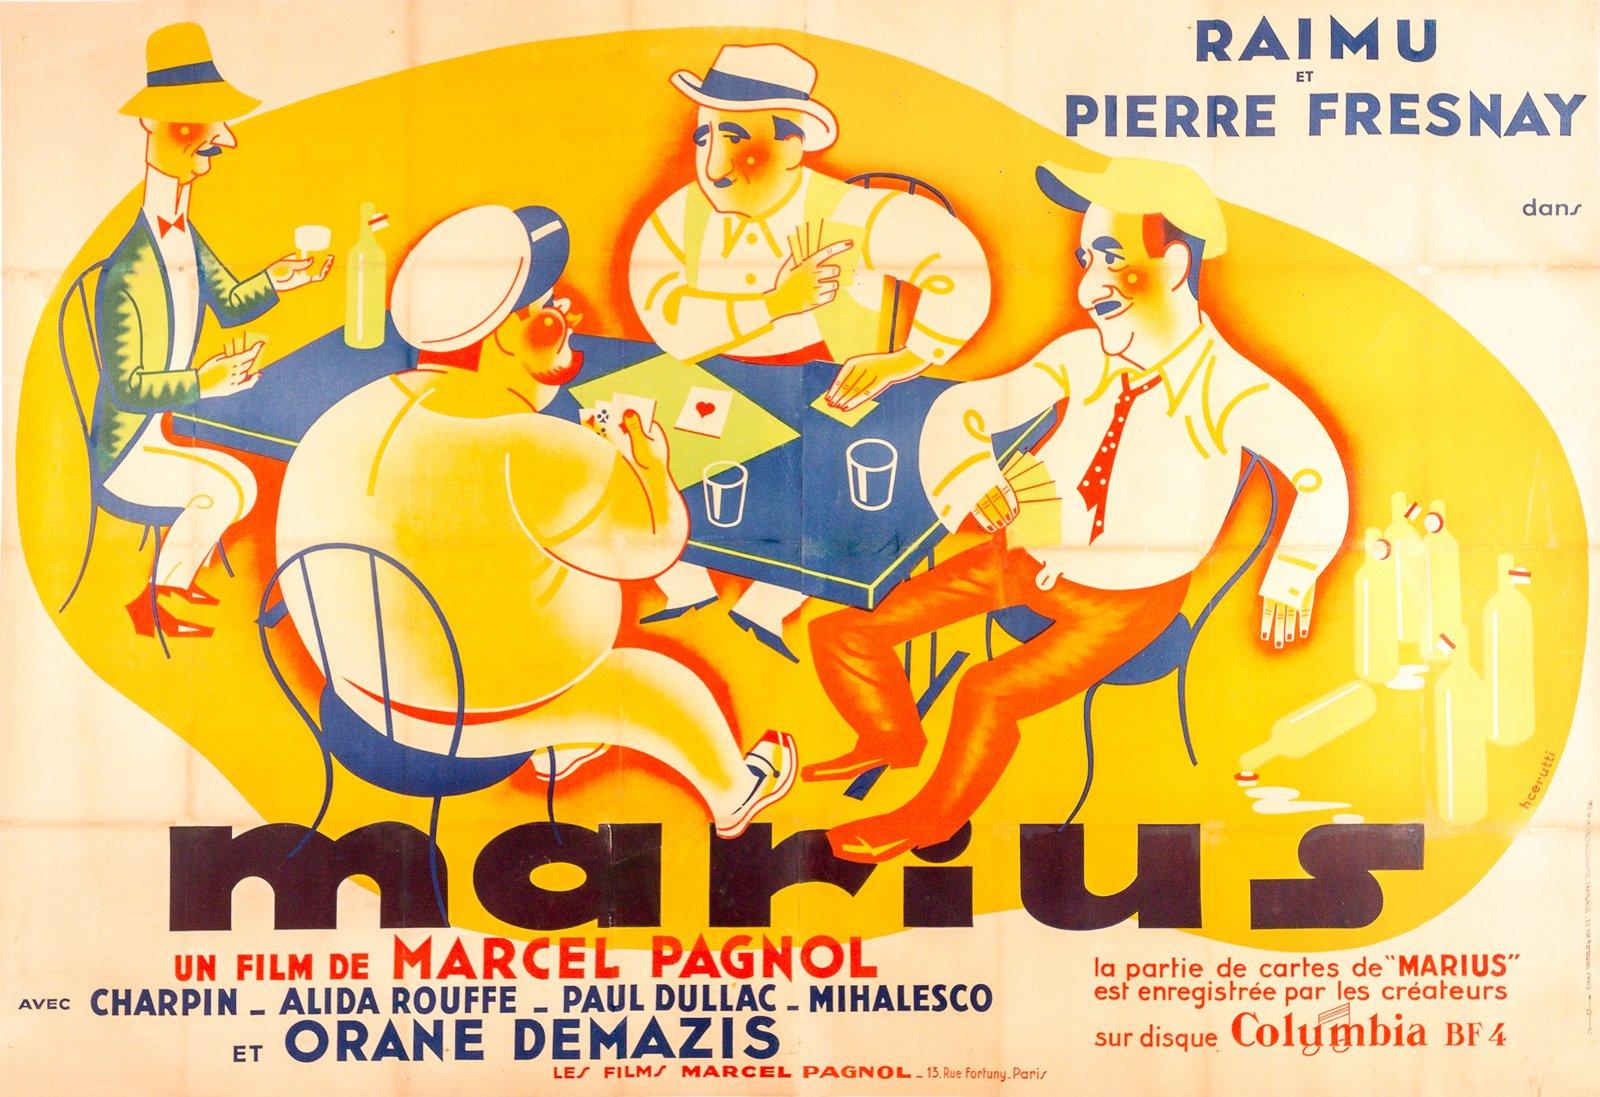 Marcel Pagnol, La partie de carte de Marius